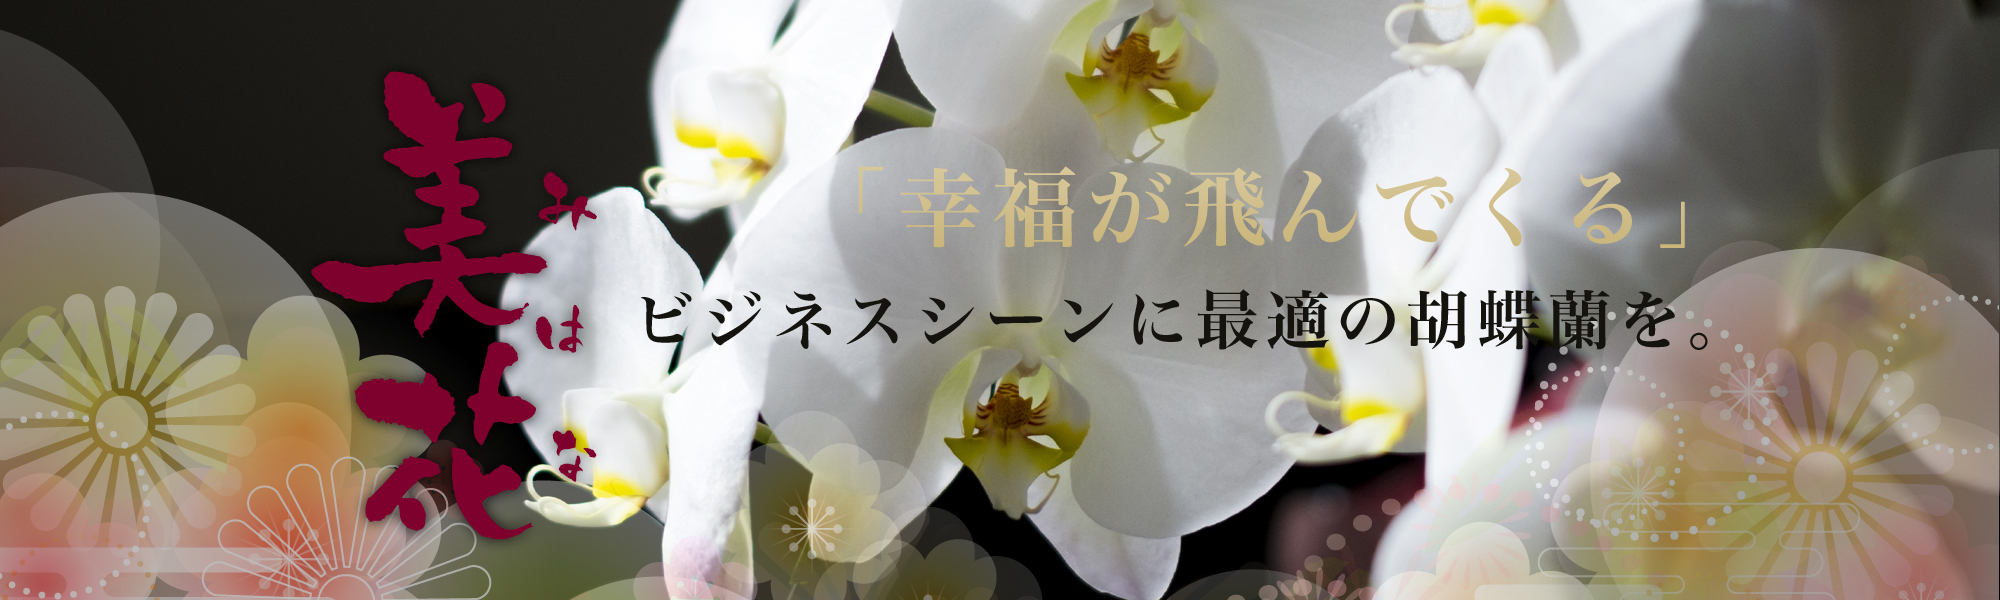 美花 ビジネスシーンに最適な胡蝶蘭を